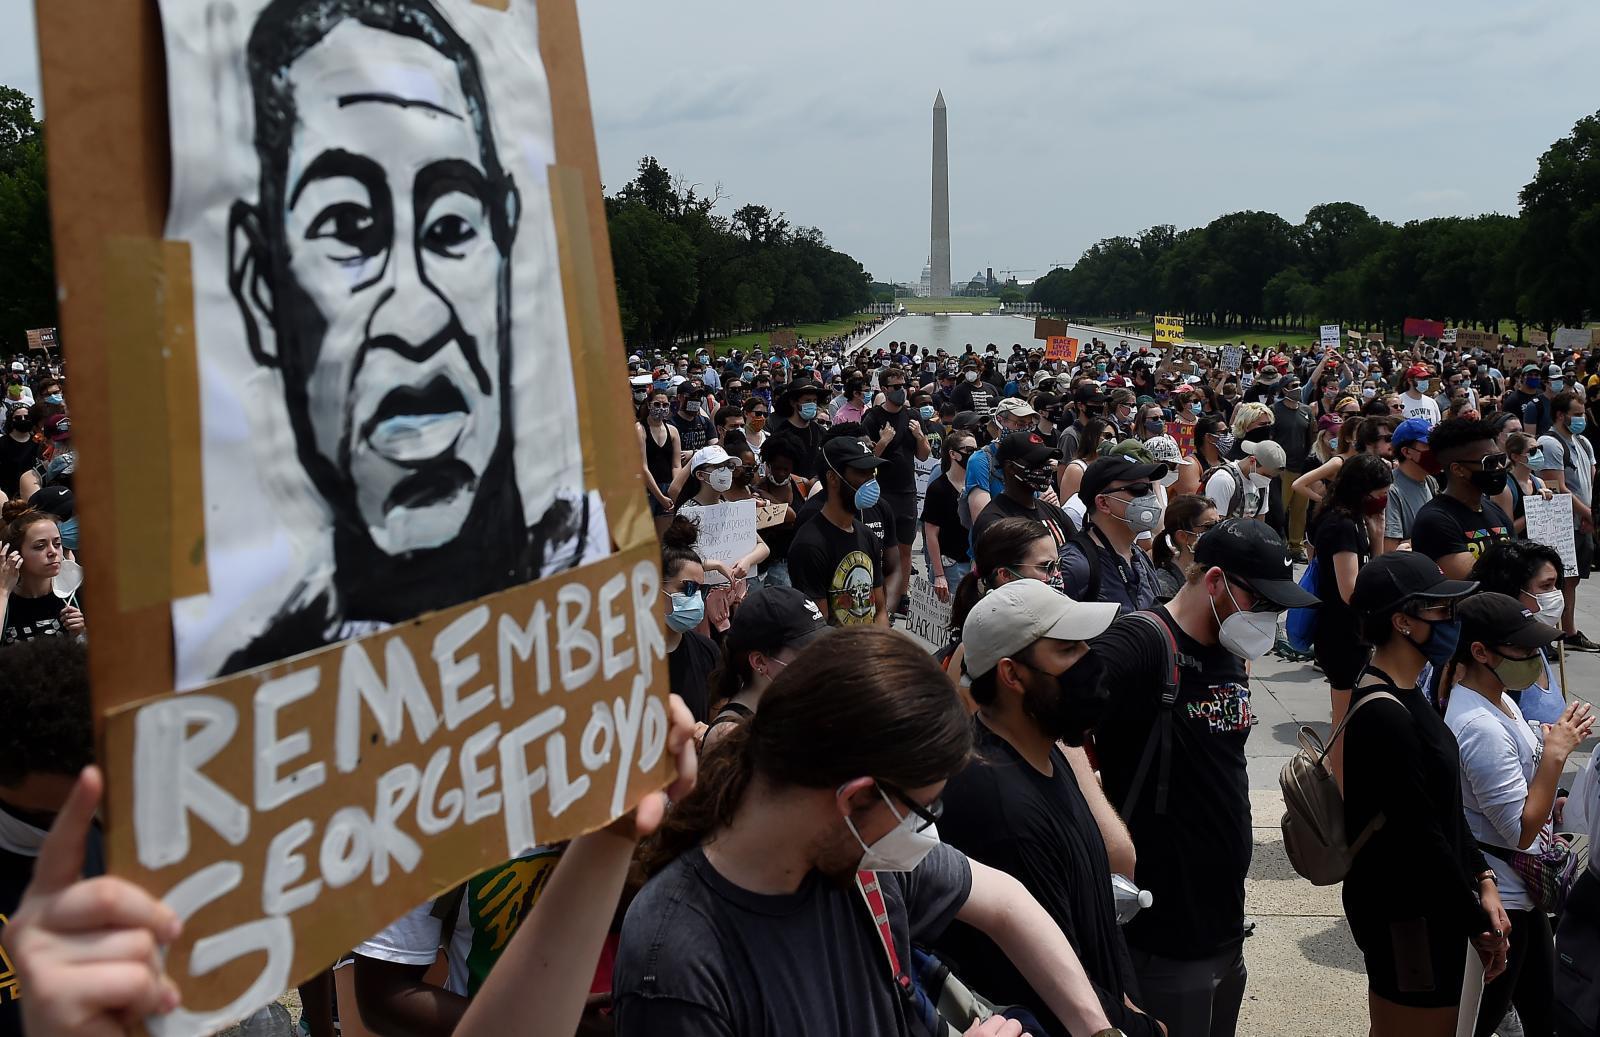 ชาวอเมริกันร่วมเคลื่อนไหวใหญ่ต้านเหยียดผิวเป็นวันที่ 12